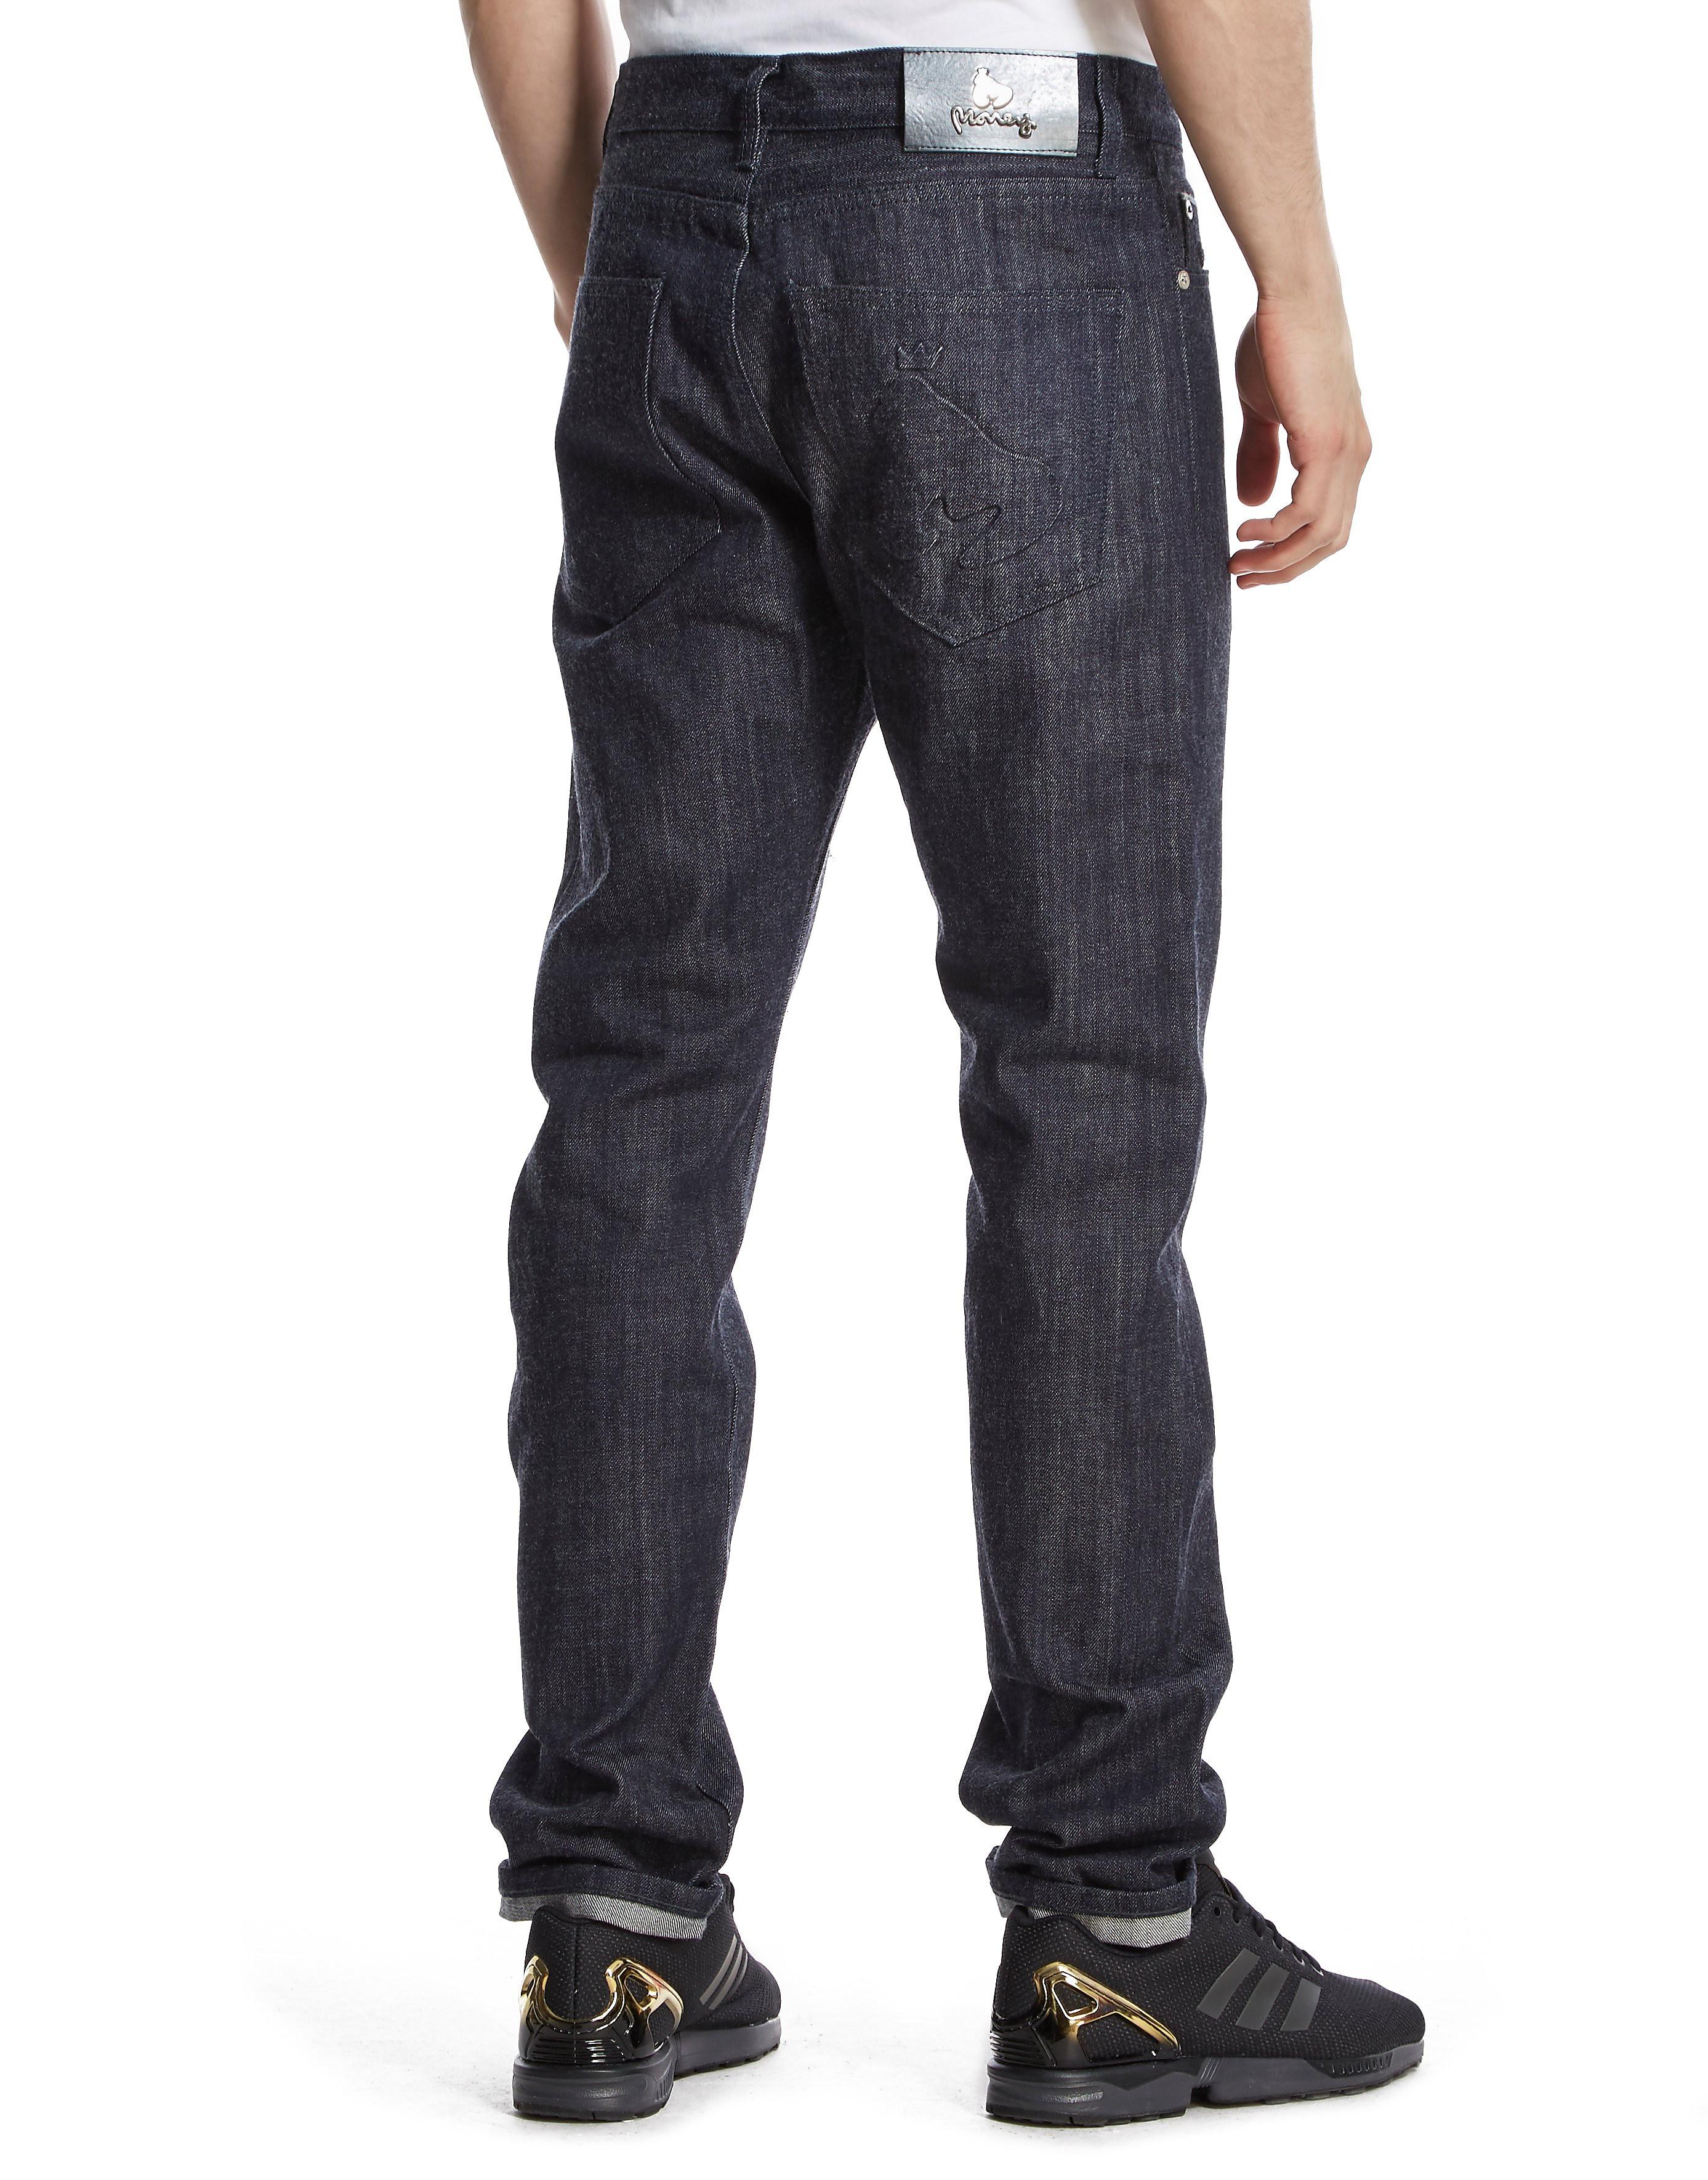 Money Deboss Jeans